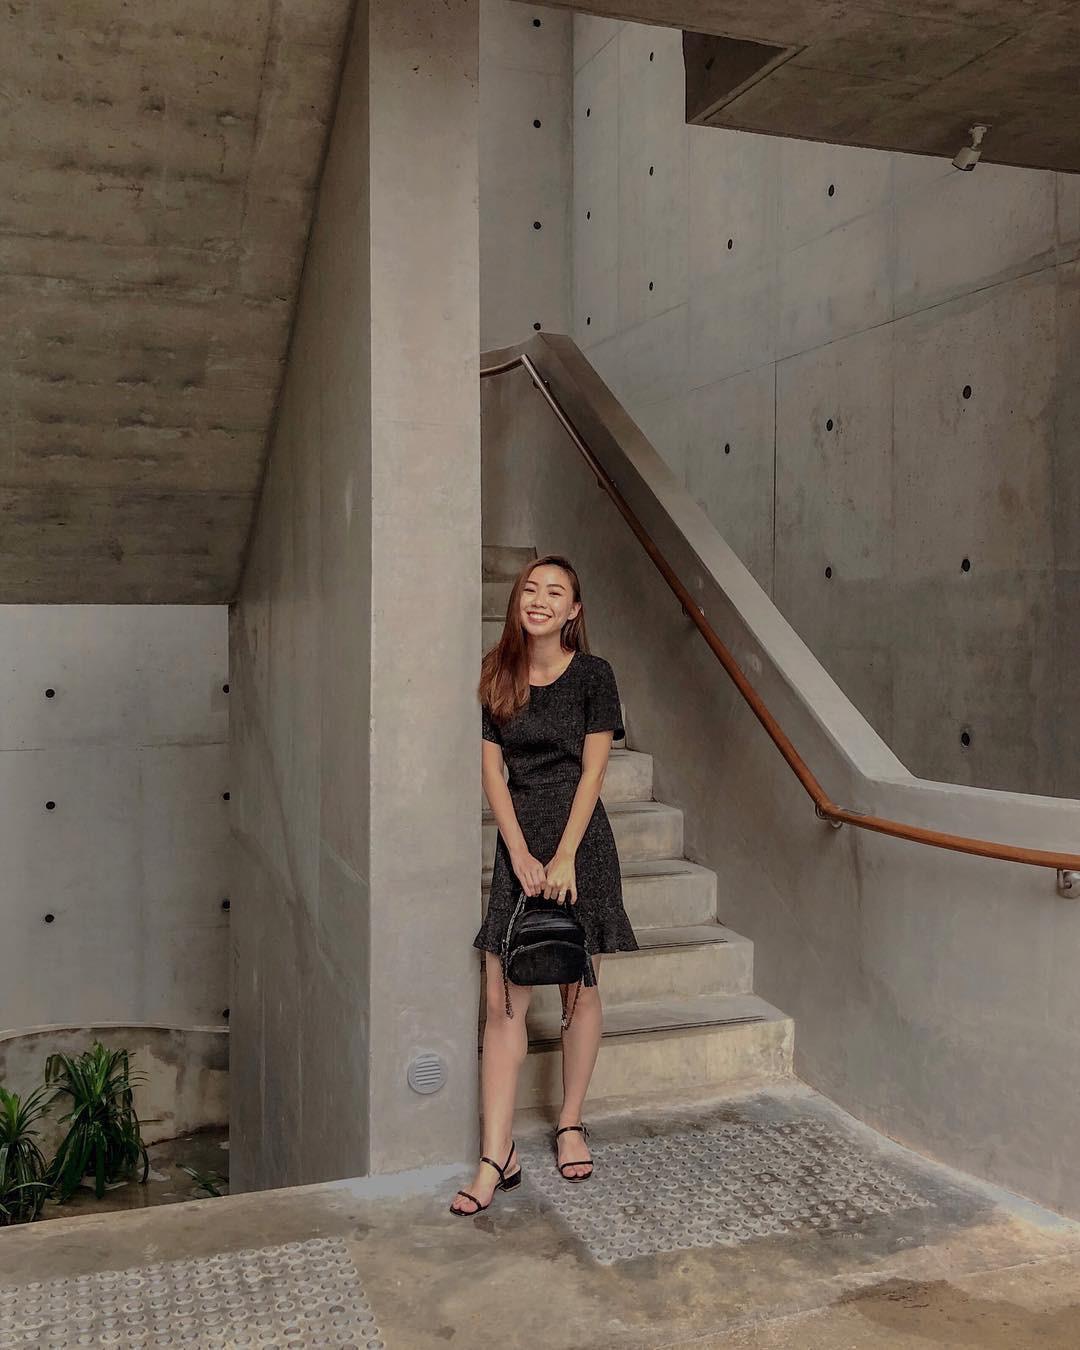 Nàng nào diện váy cũng rất xinh nhưng nếu áp dụng 4 tips sau, vẻ ngoài sẽ càng thêm thanh mảnh và hút mắt - Ảnh 8